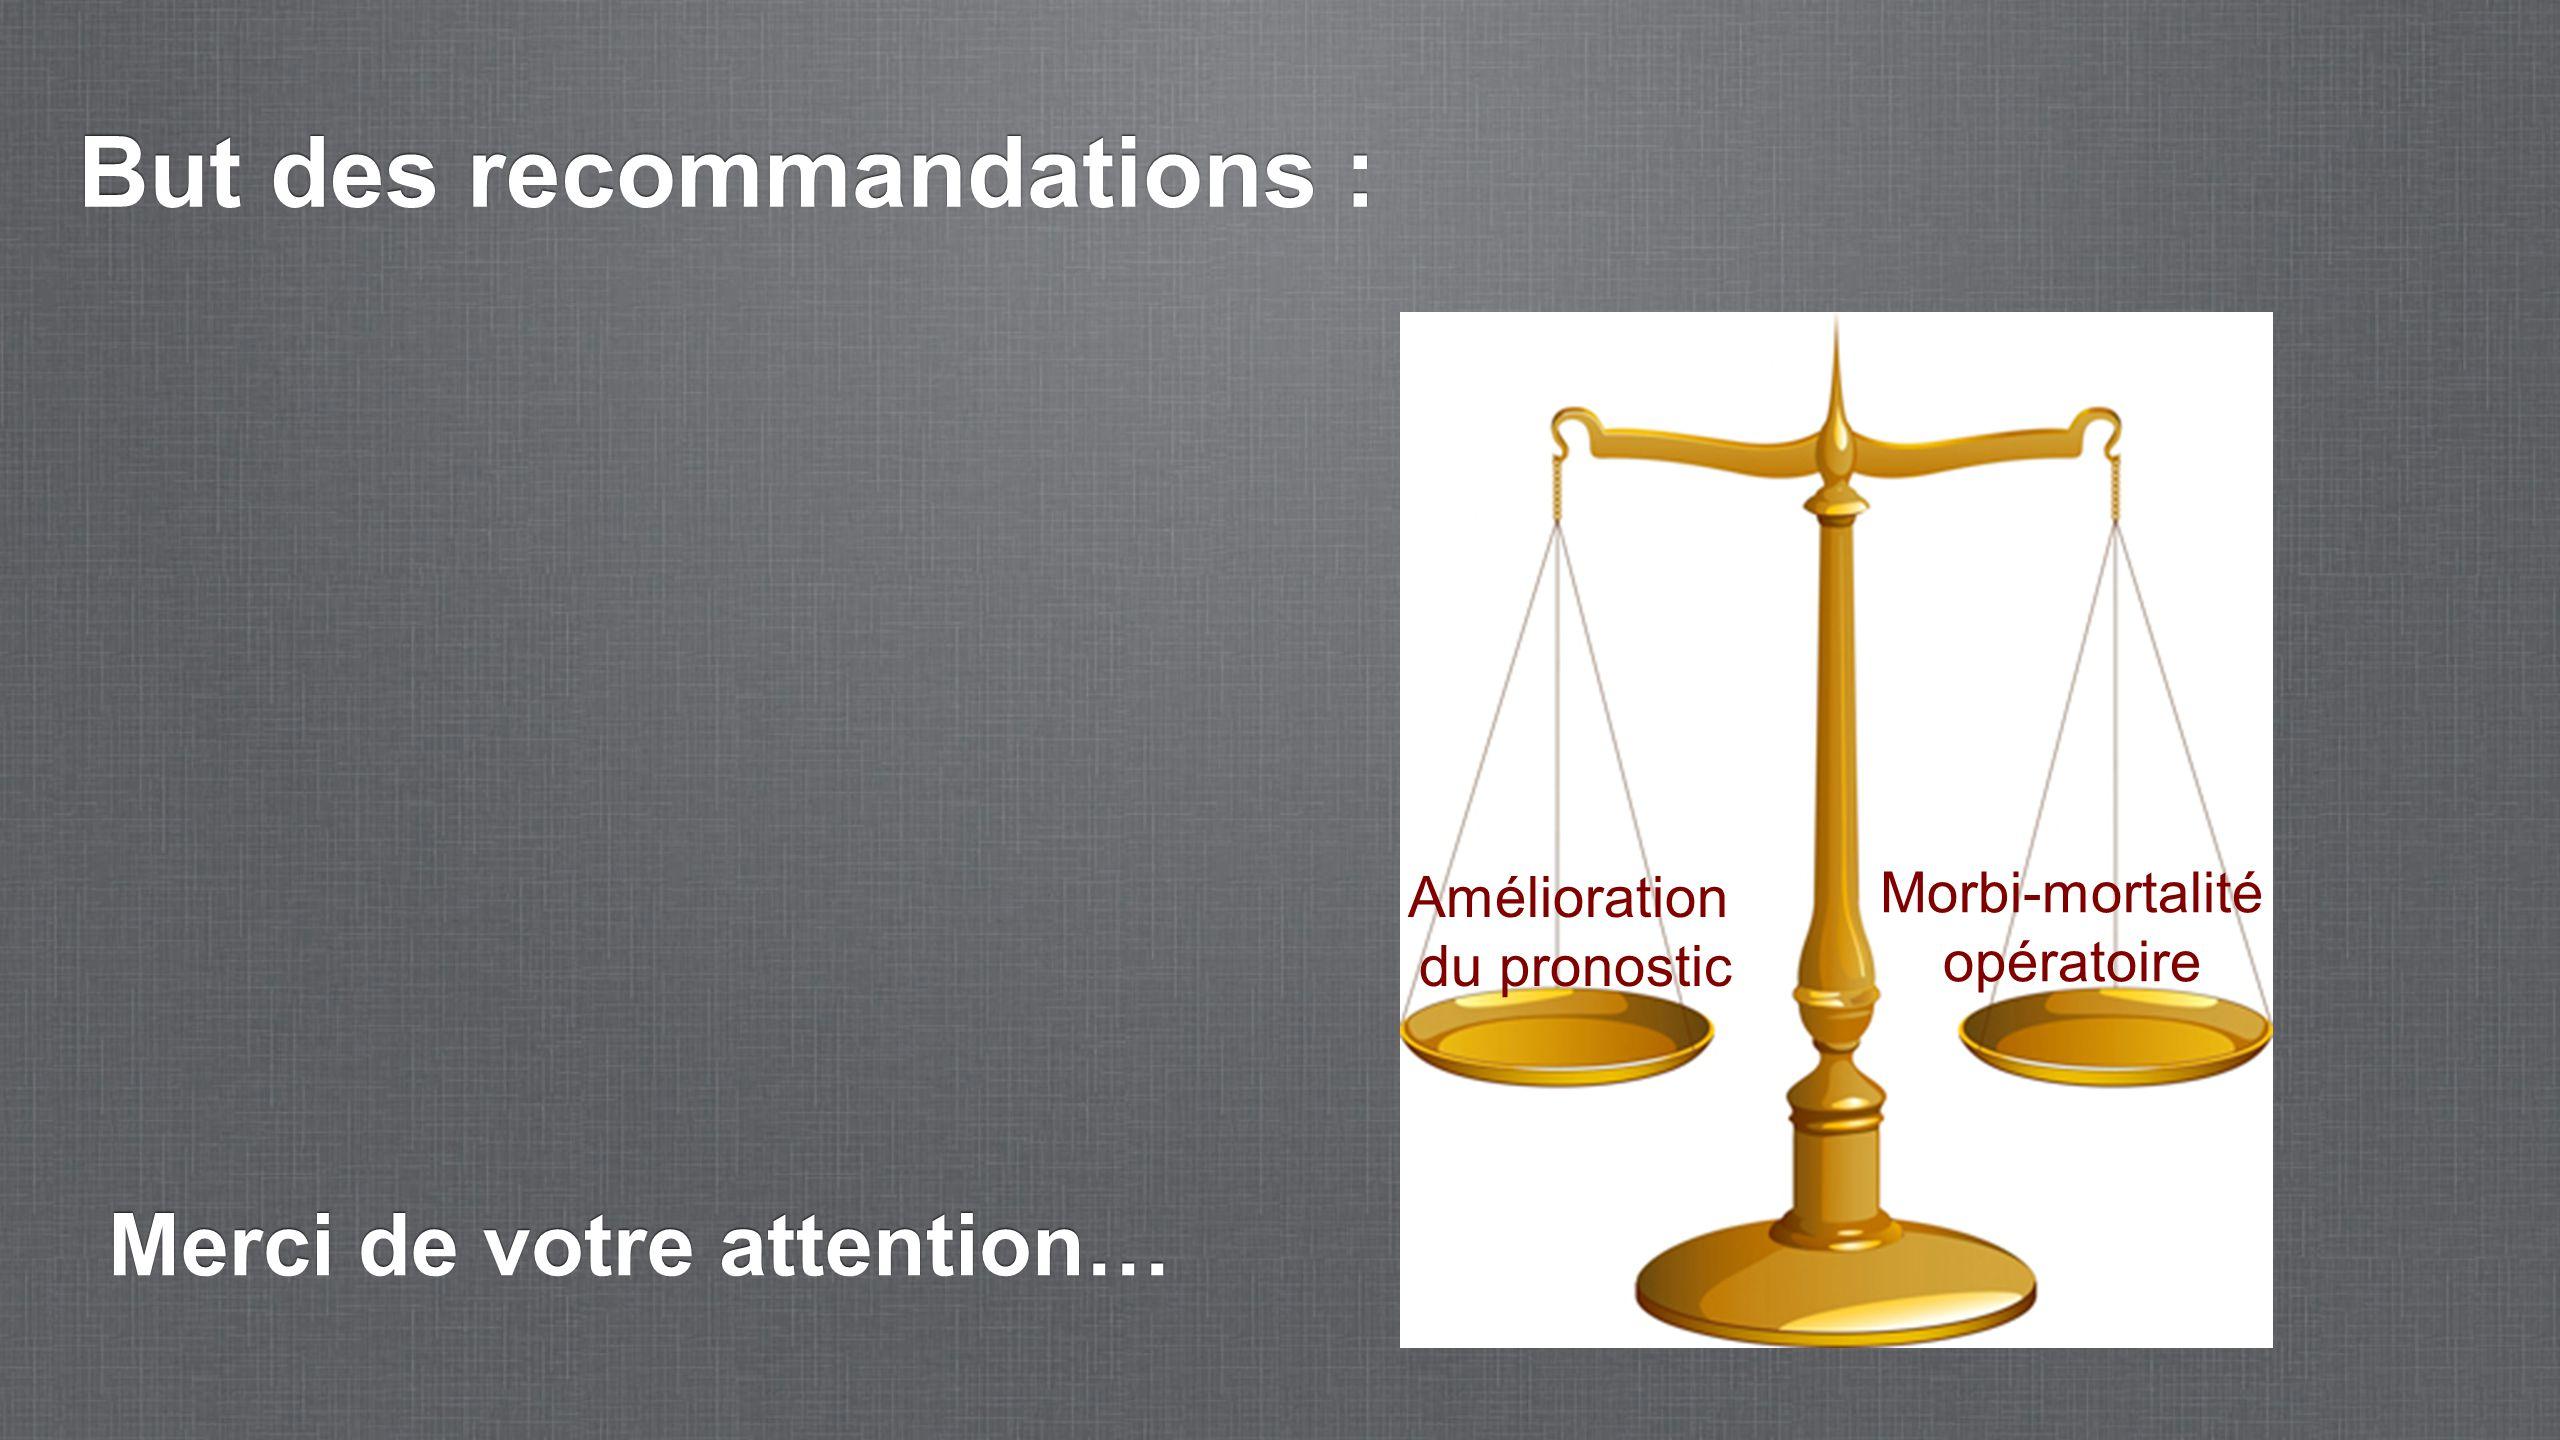 But des recommandations : Amélioration du pronostic Morbi-mortalité opératoire Merci de votre attention…